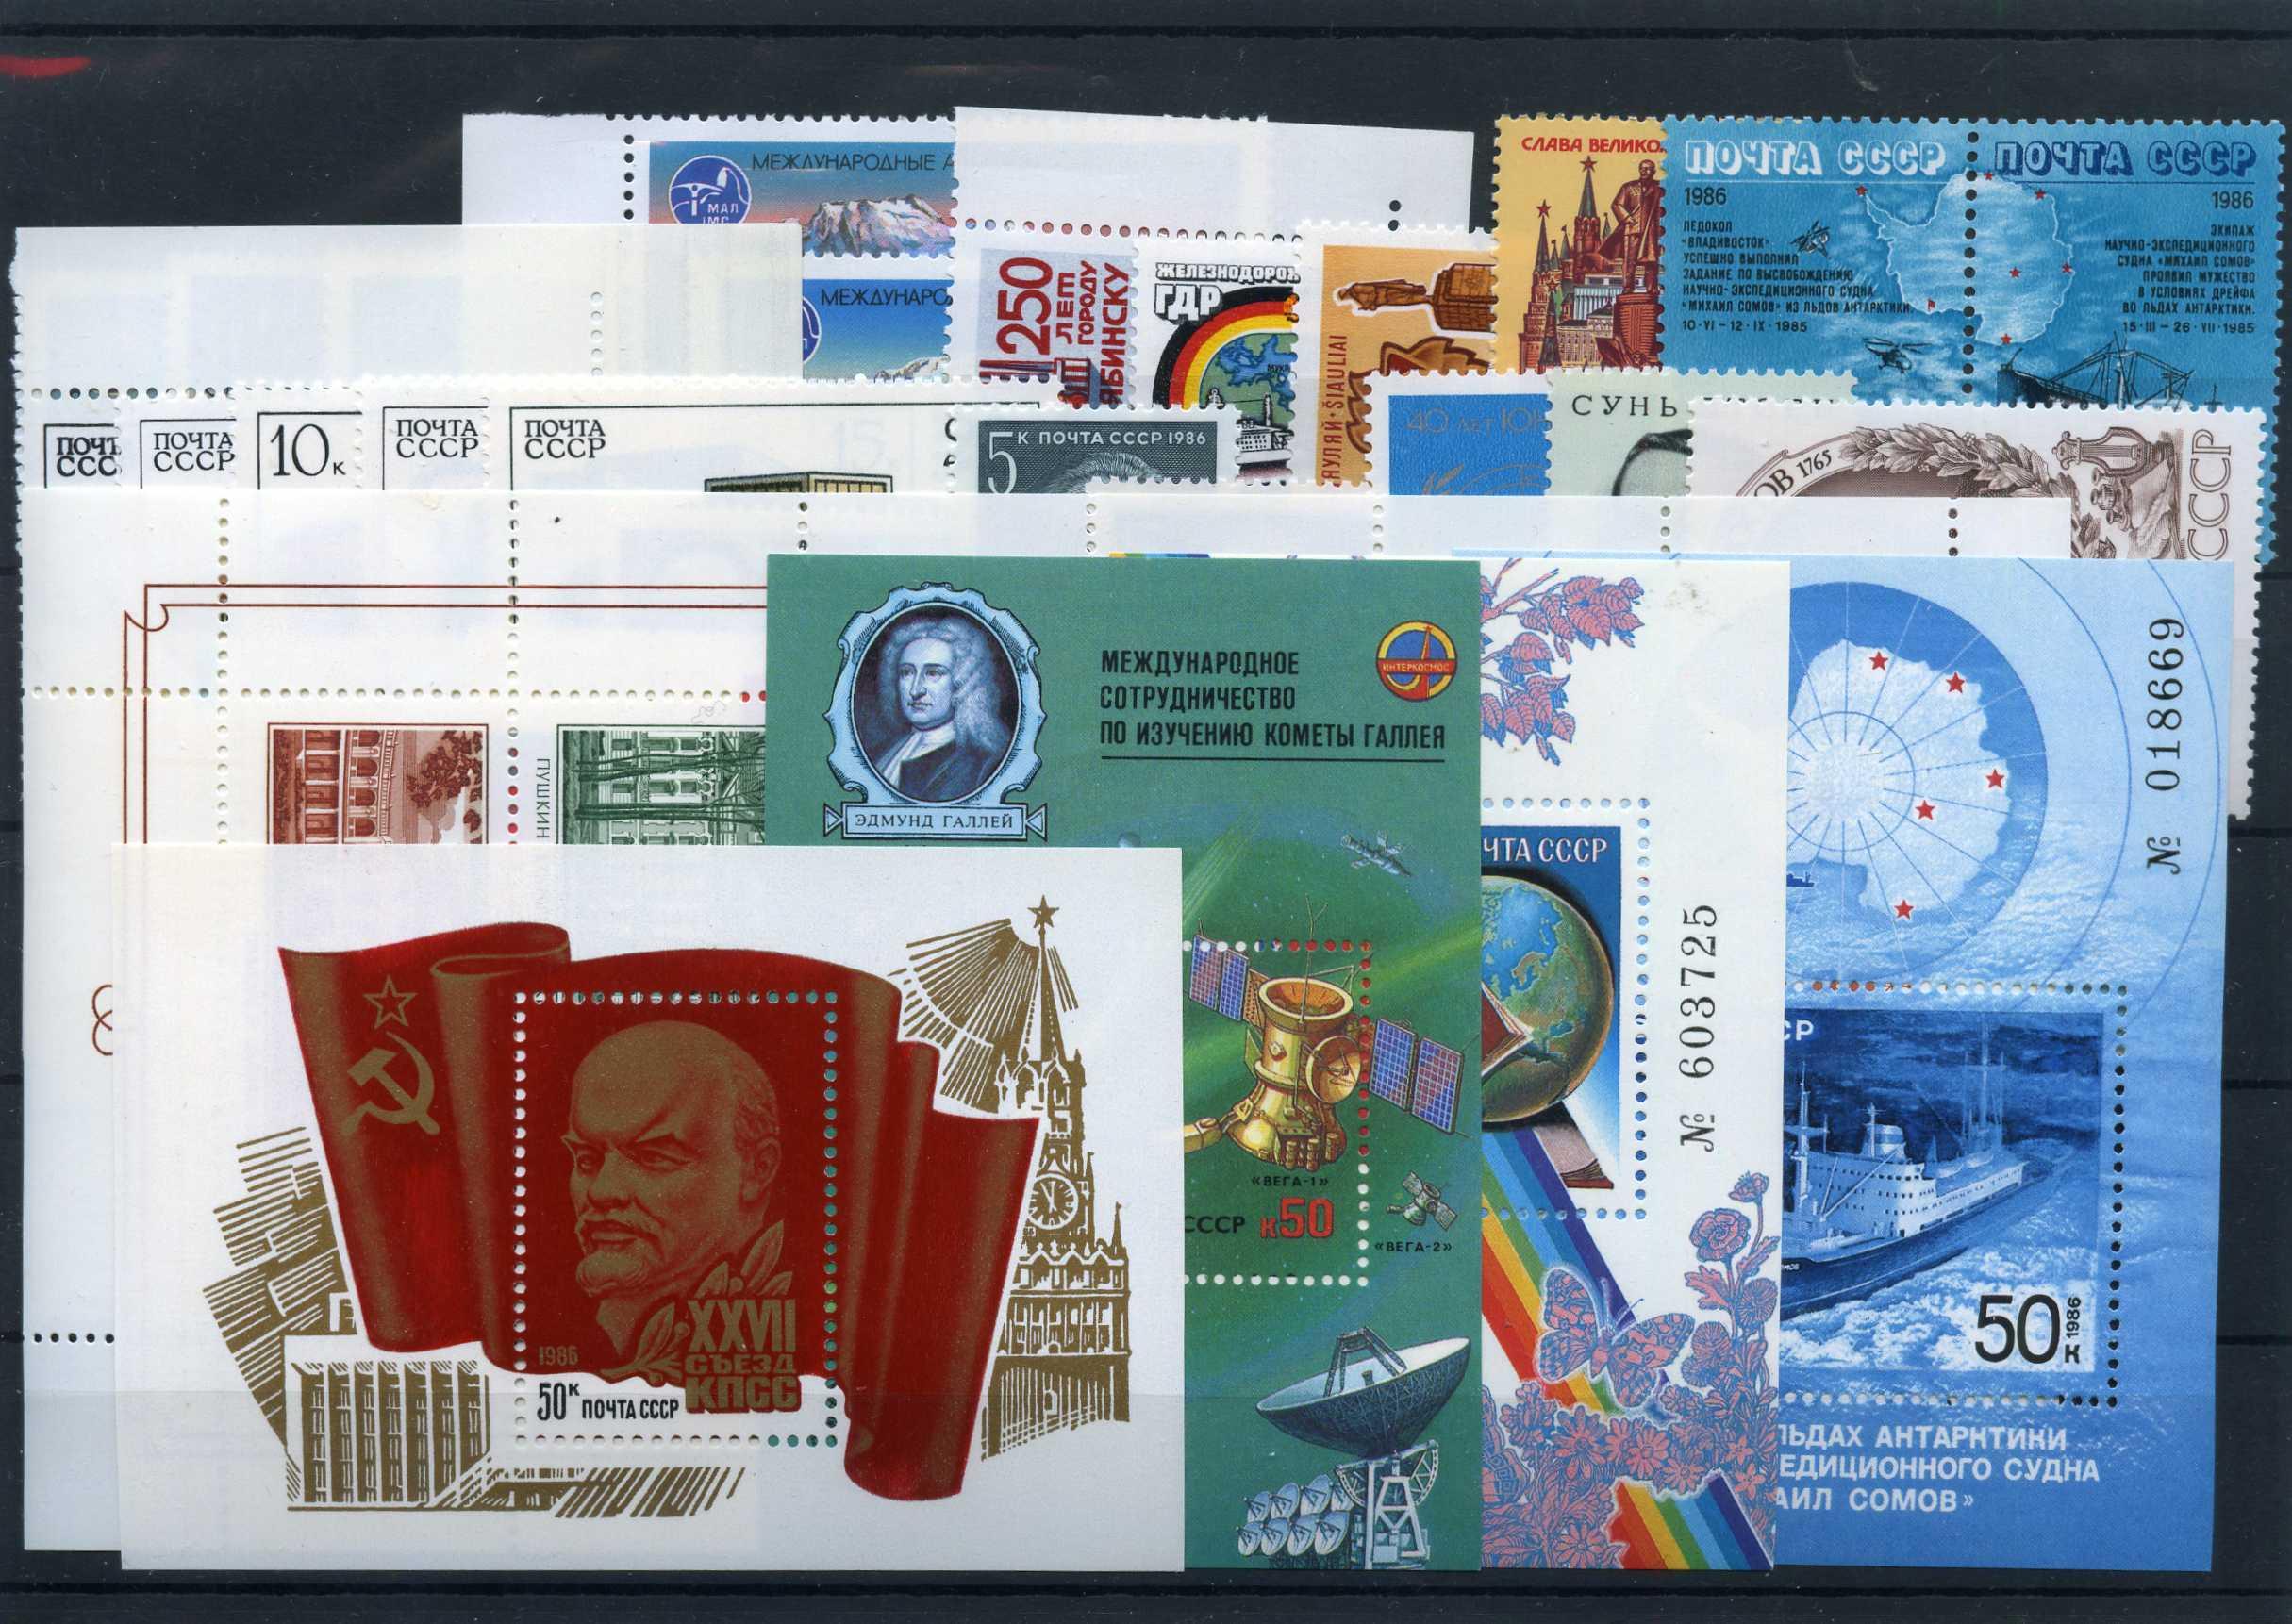 Годовой набор почтовых марок СССР 1986 год, 100 почтовых марок, 4 почтовых блока